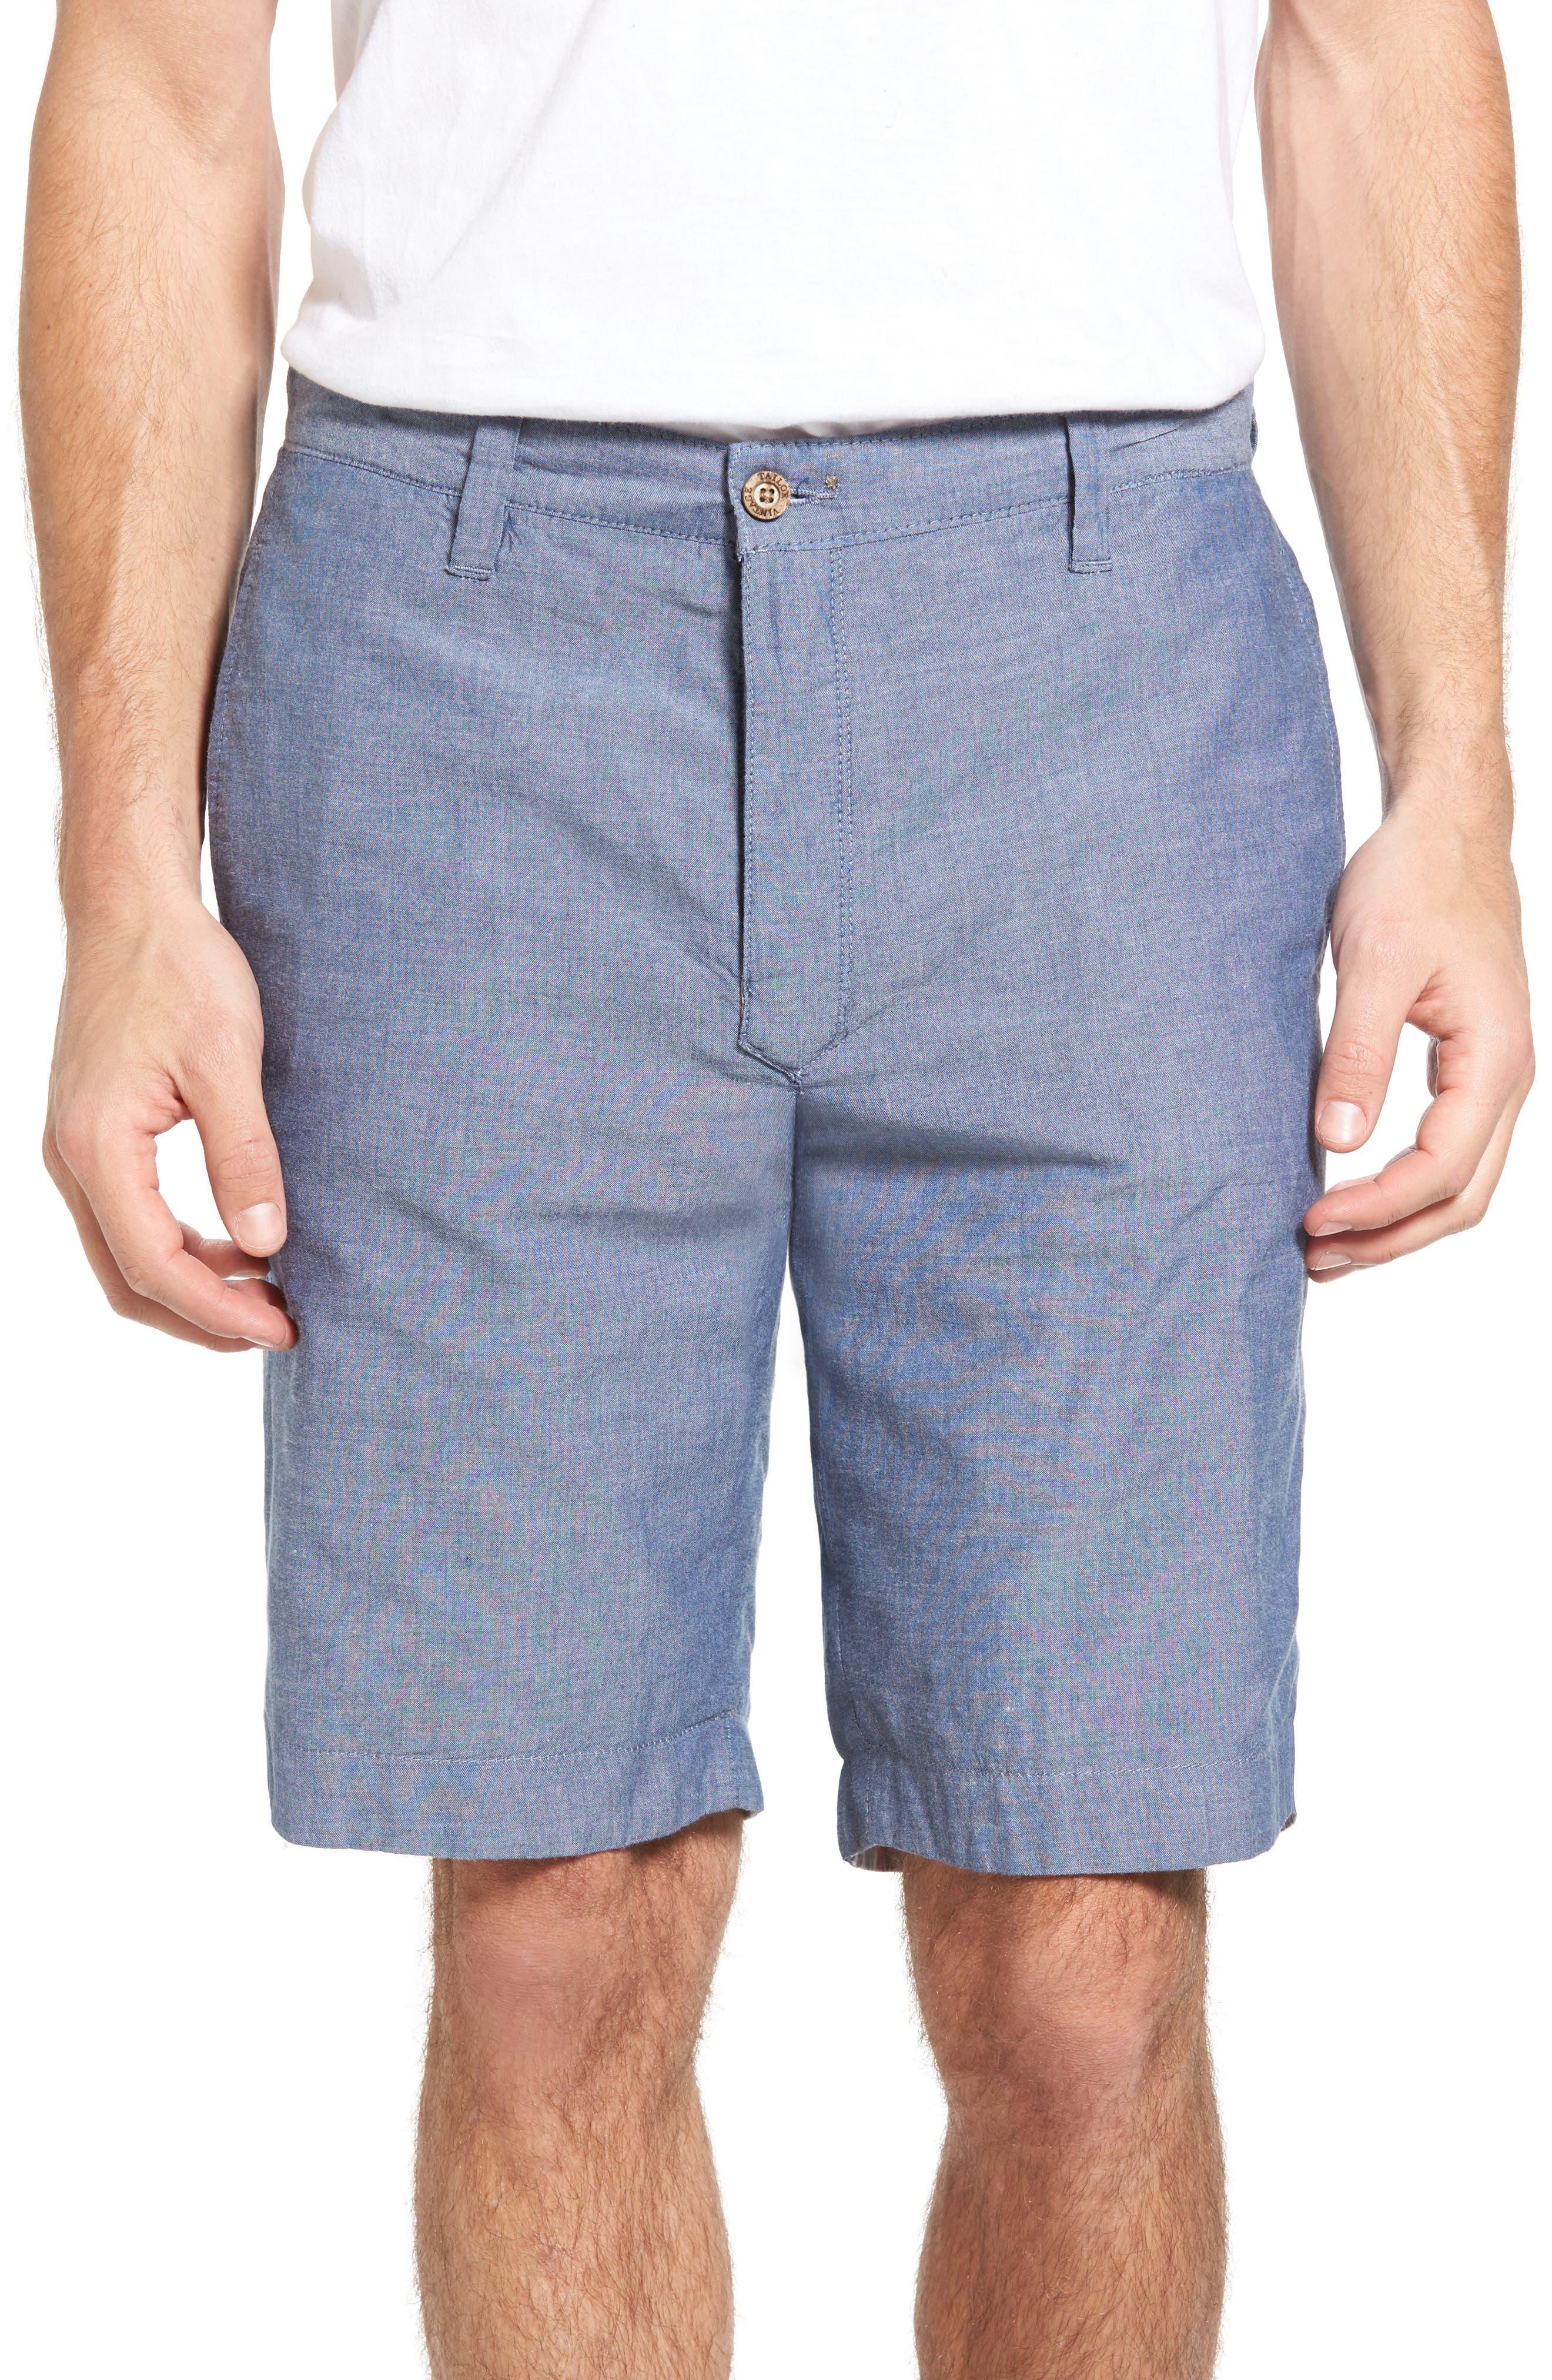 Reversible Walking Shorts,                             Main thumbnail 1, color,                             404